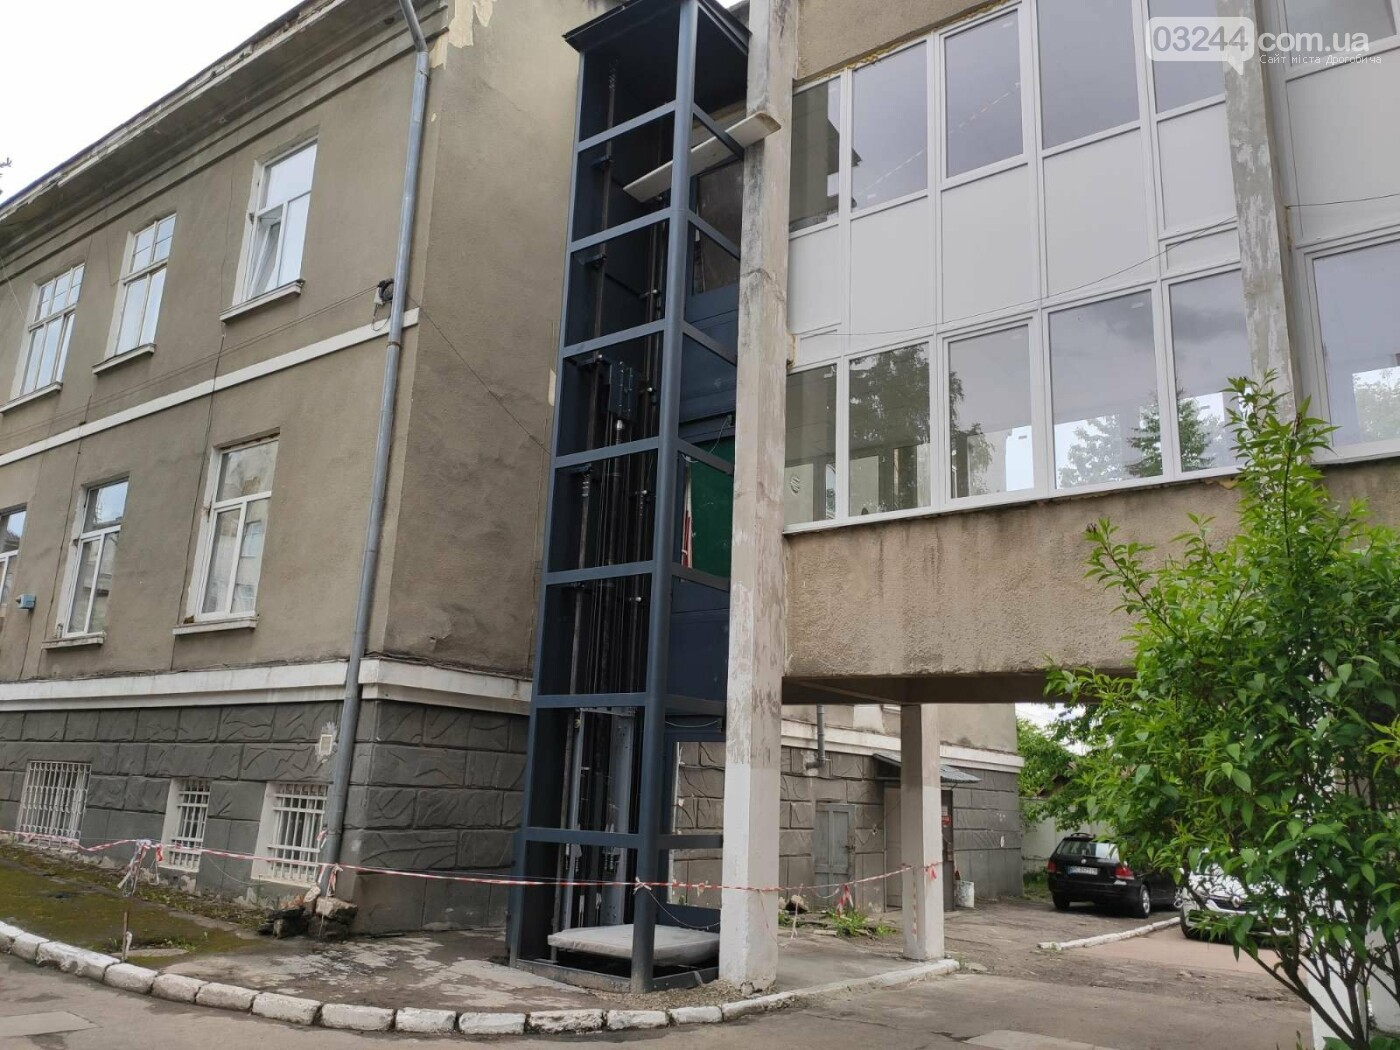 Осучаснюють: КНП «Дрогобицька поліклініка» встановлює зовнішній ліфт для маломобільних груп населення, фото-2